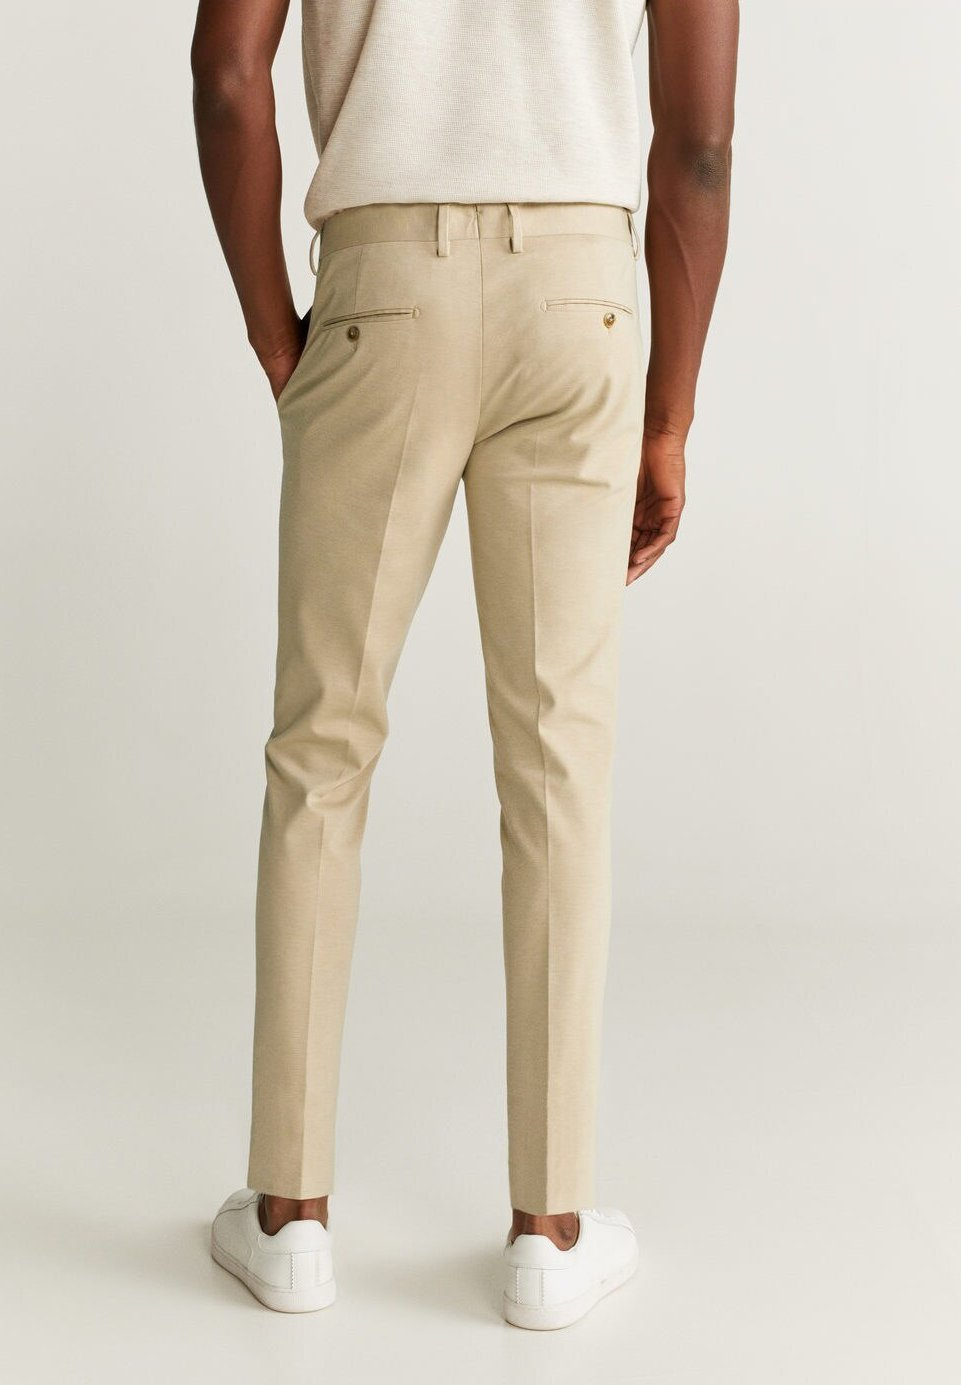 CIRCUTAK Anzughose beige